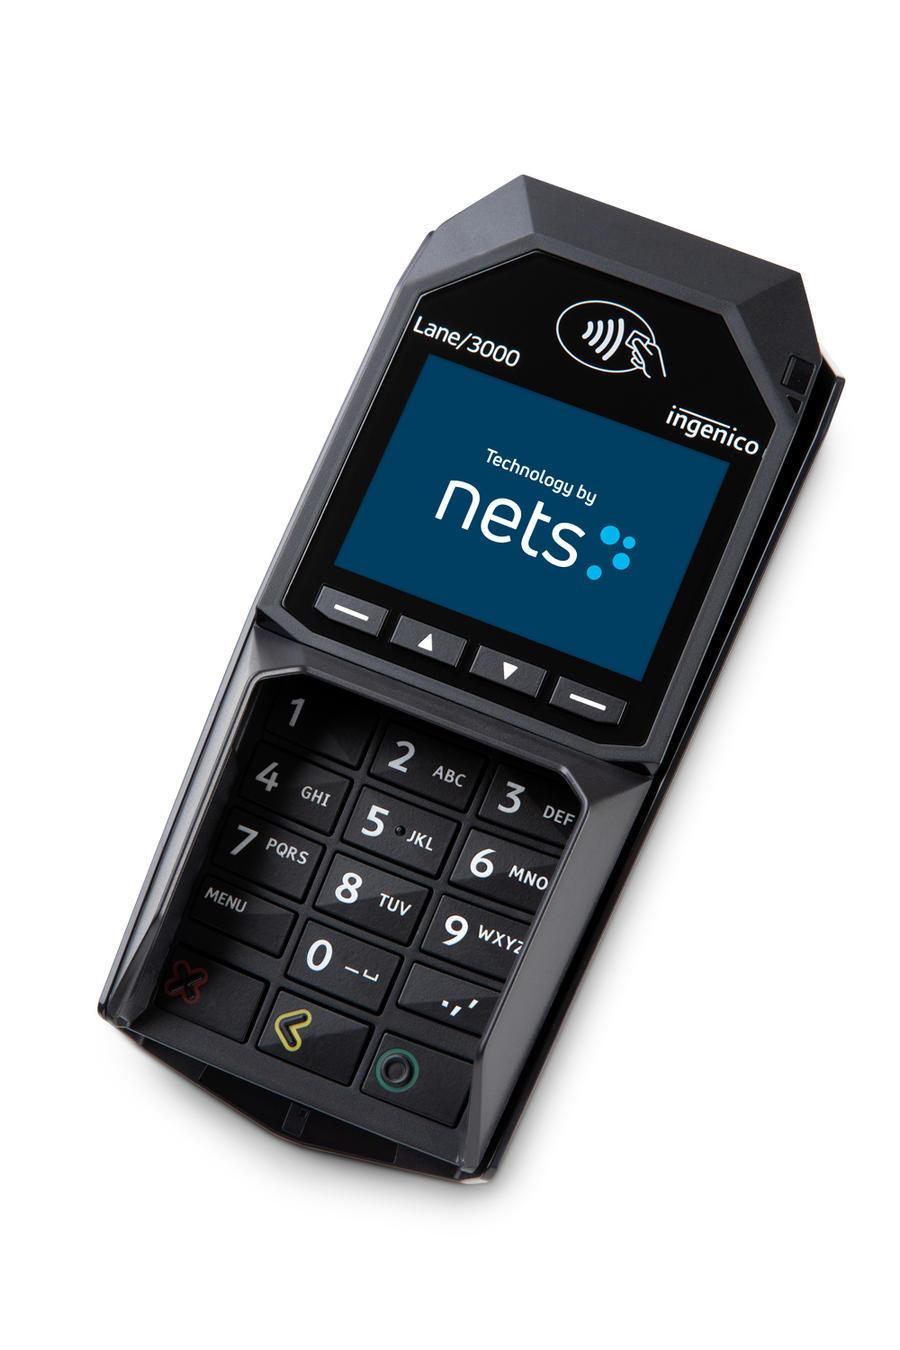 Stasjonær betalingsterminal fra Nets Lane 3000